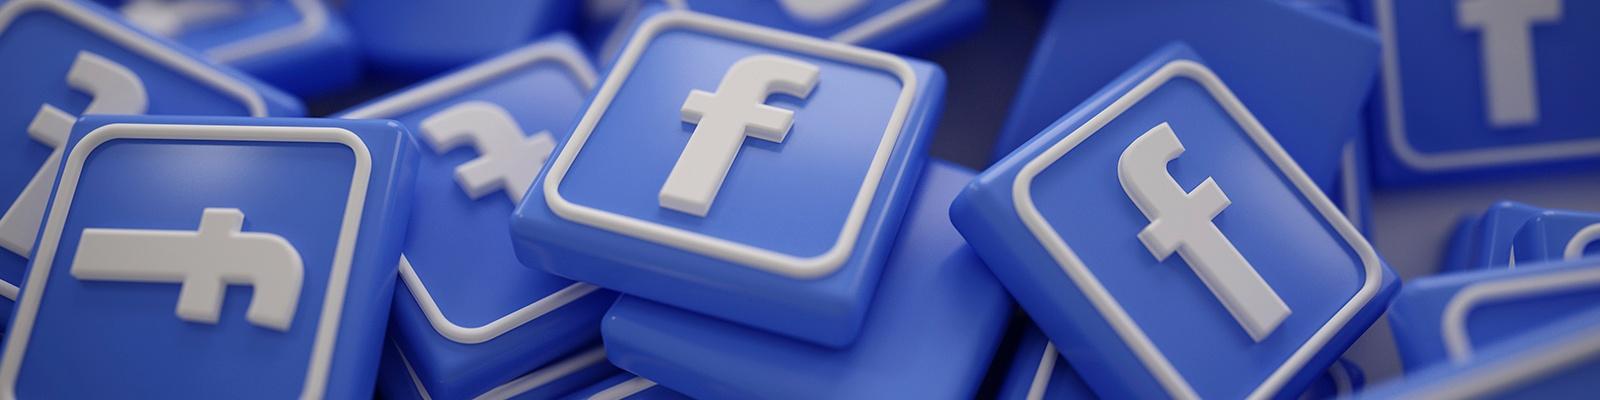 La publicidad llega a tus conversaciones privadas en Facebook Messenger